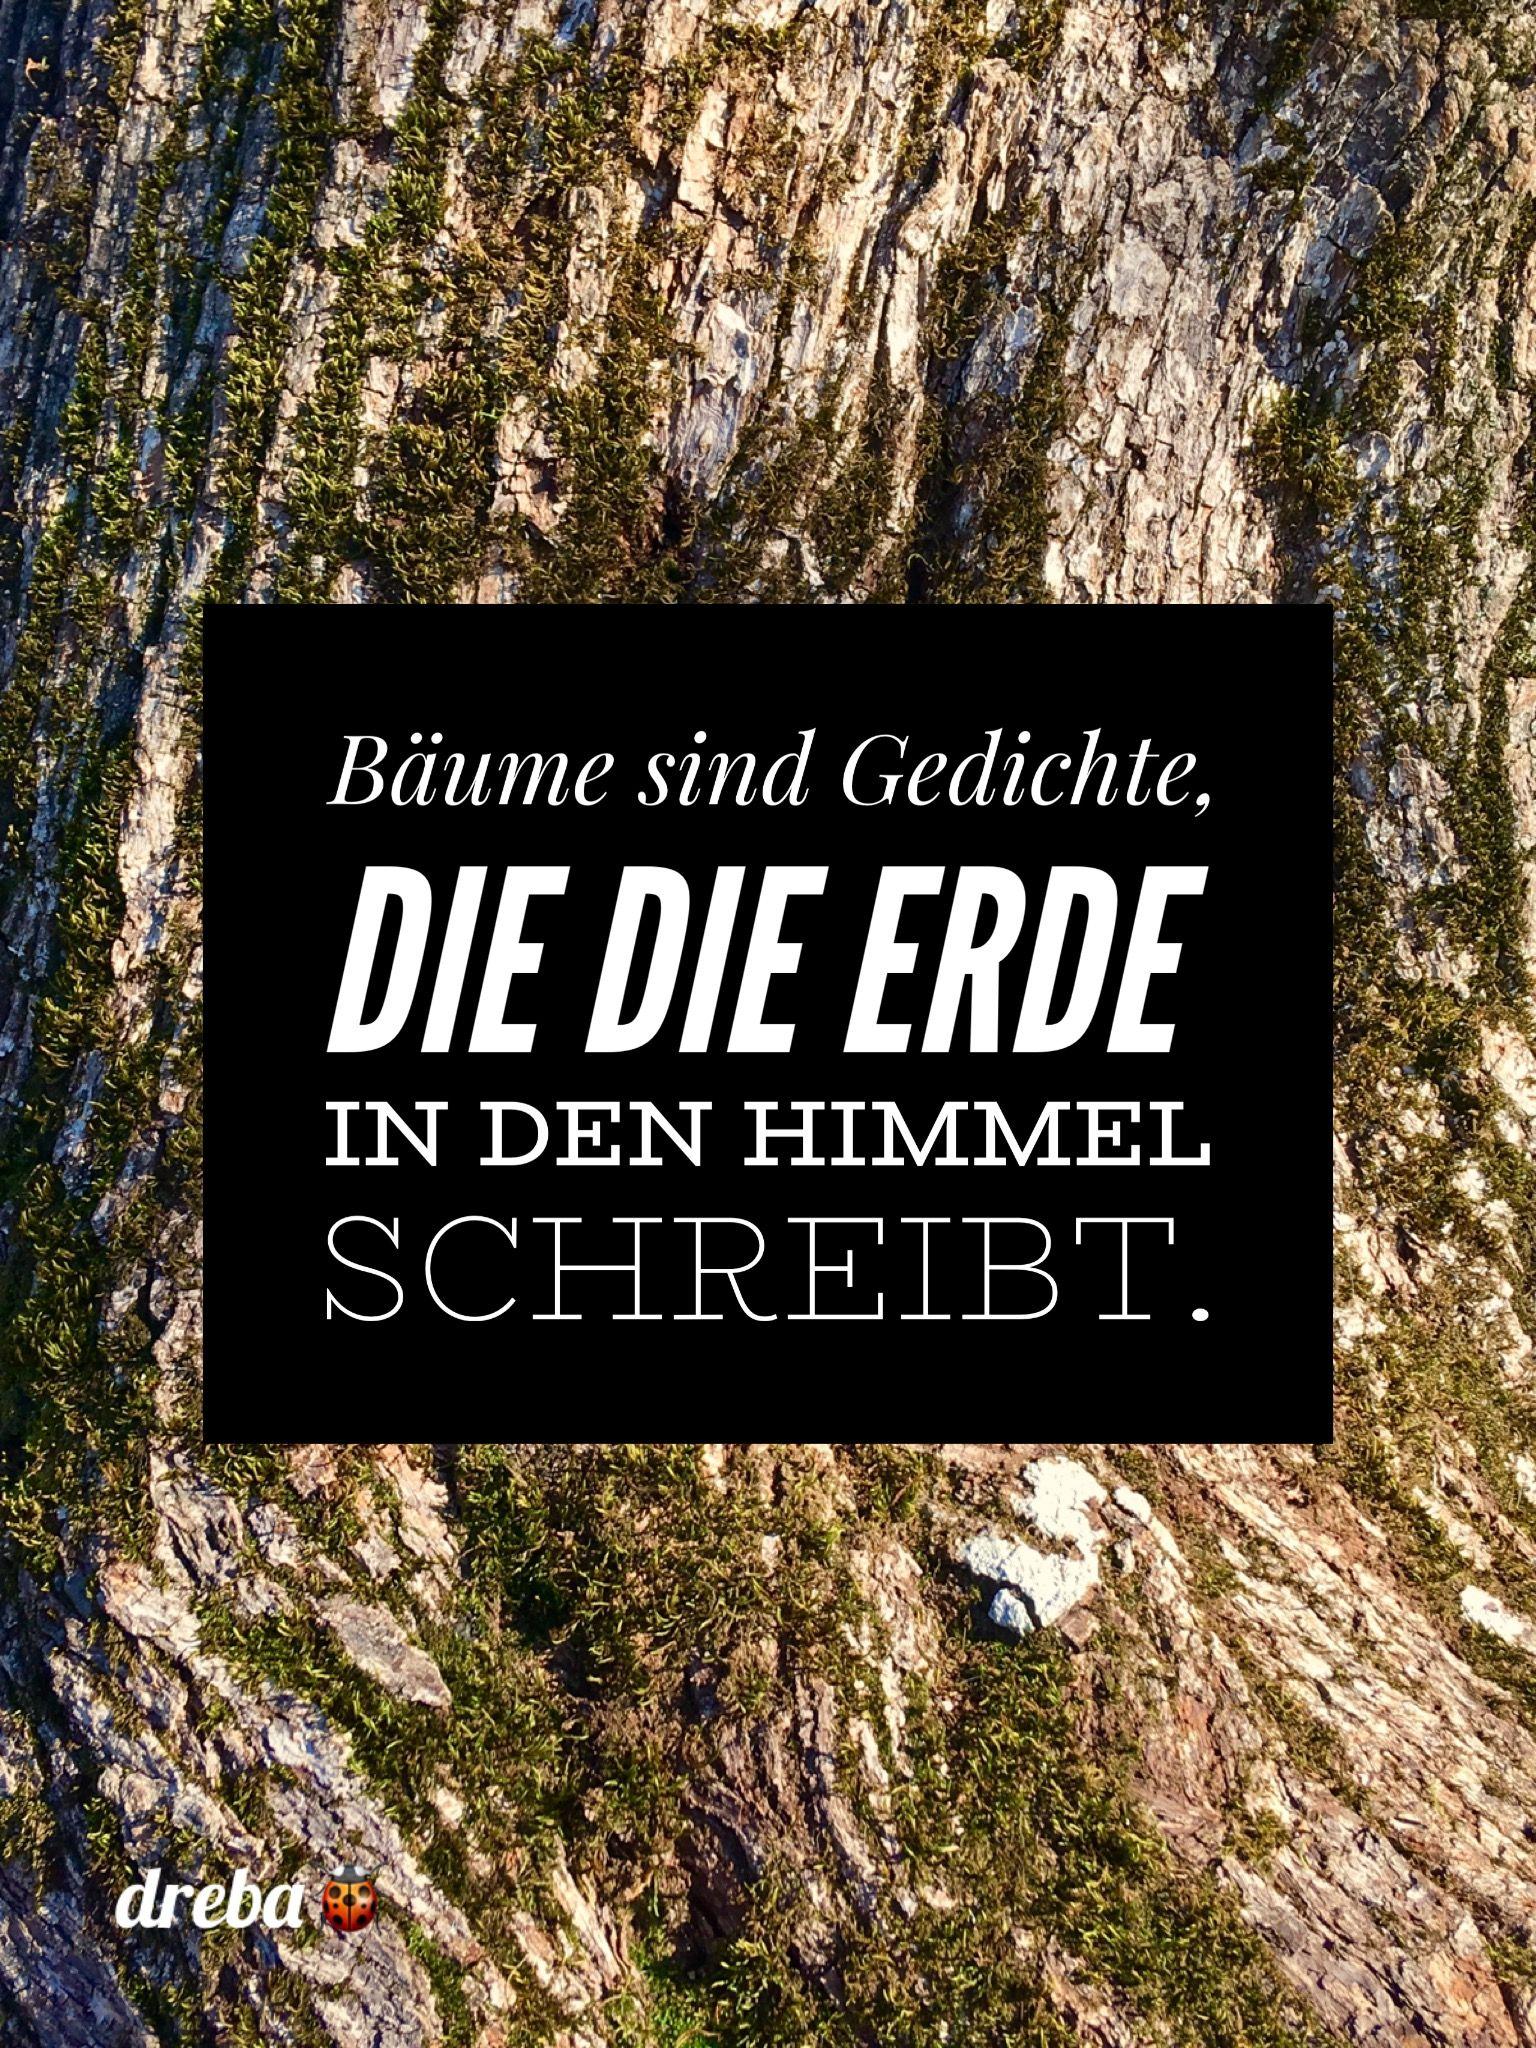 Bäume Sind Gedichte Gestaltete Wünsche Zitate